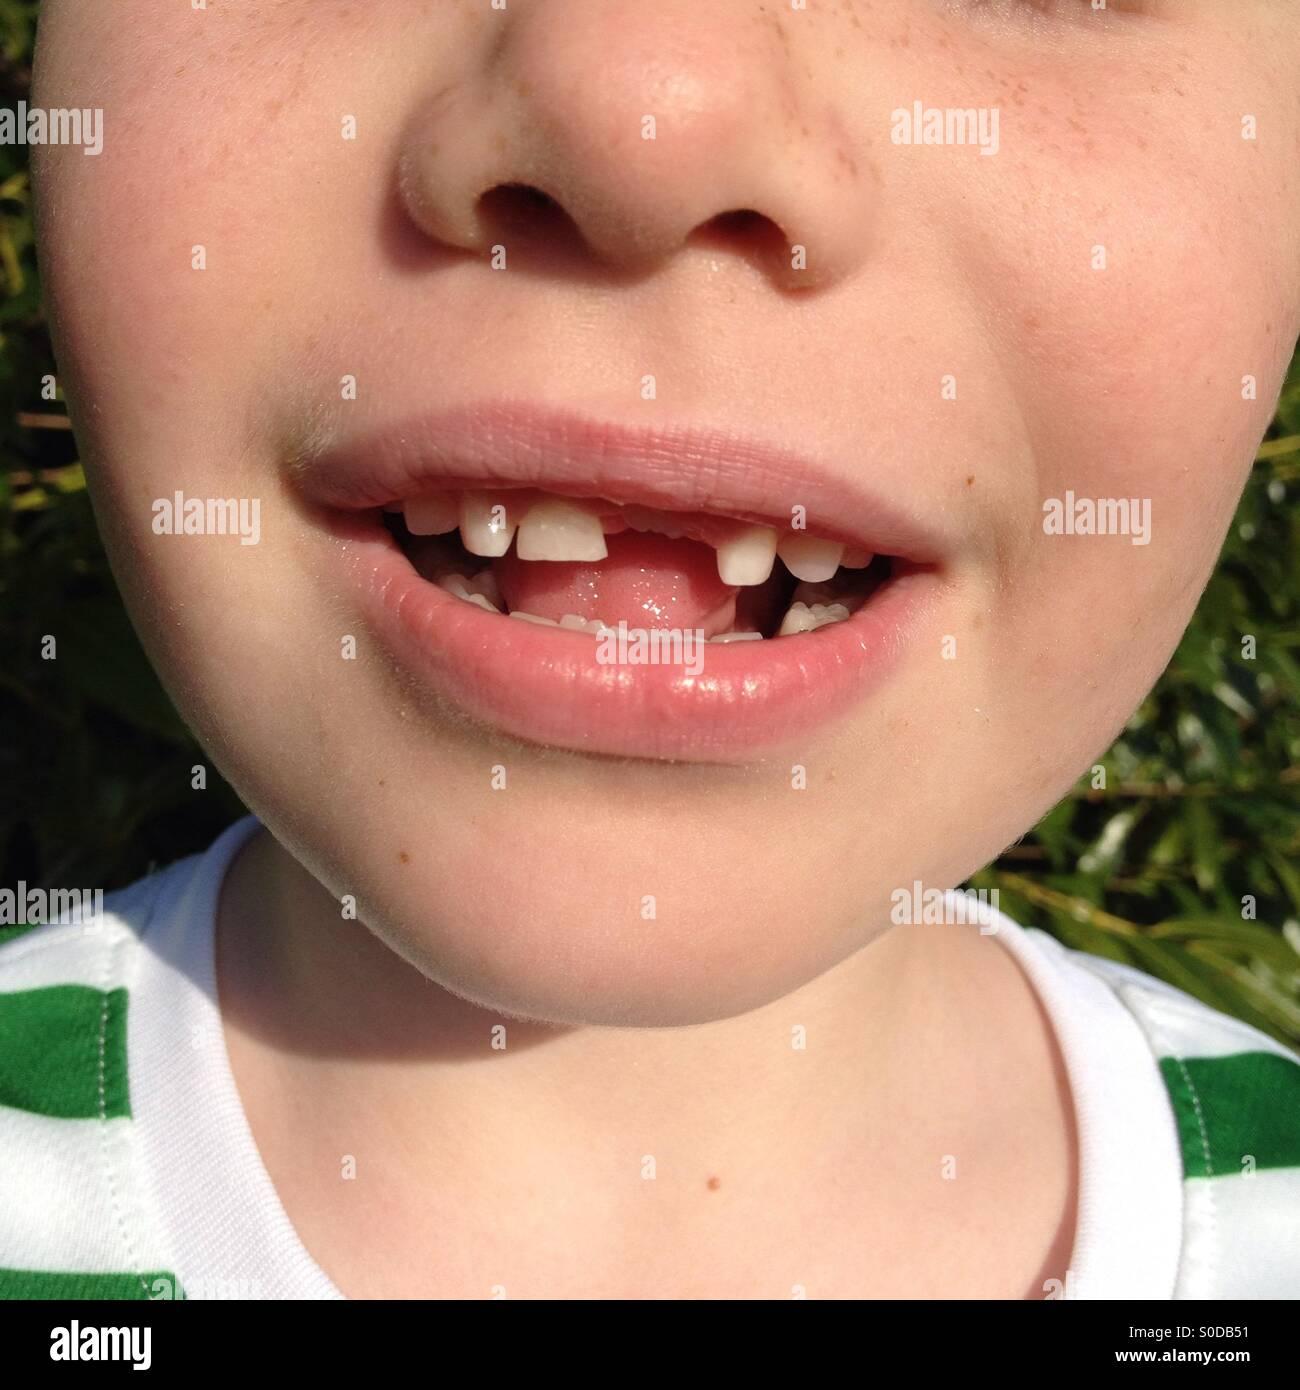 Junge mit vorderen Zahn fehlt Stockbild